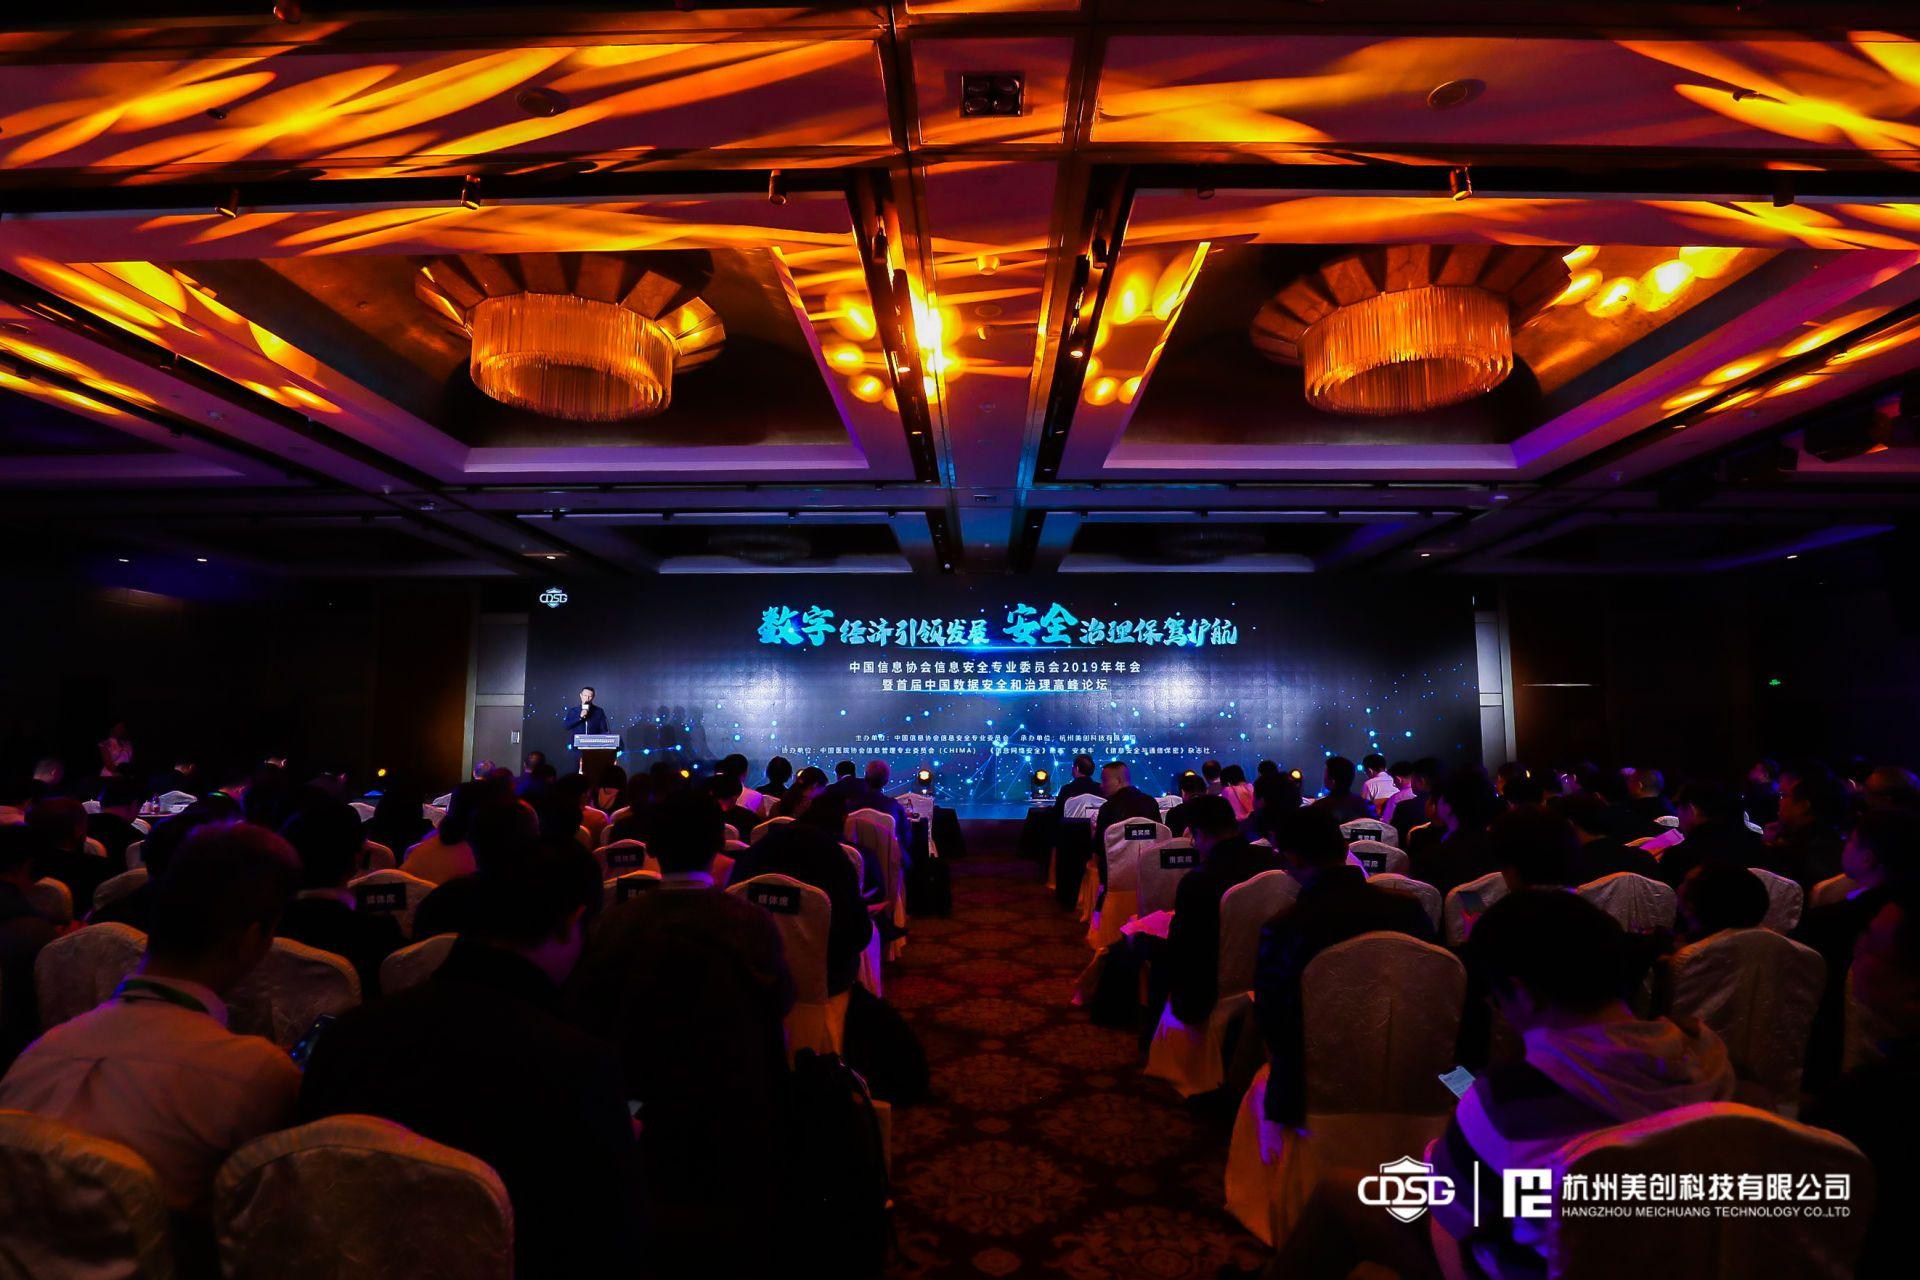 首屆中國數據安全和治理高峰論壇圓滿落幕